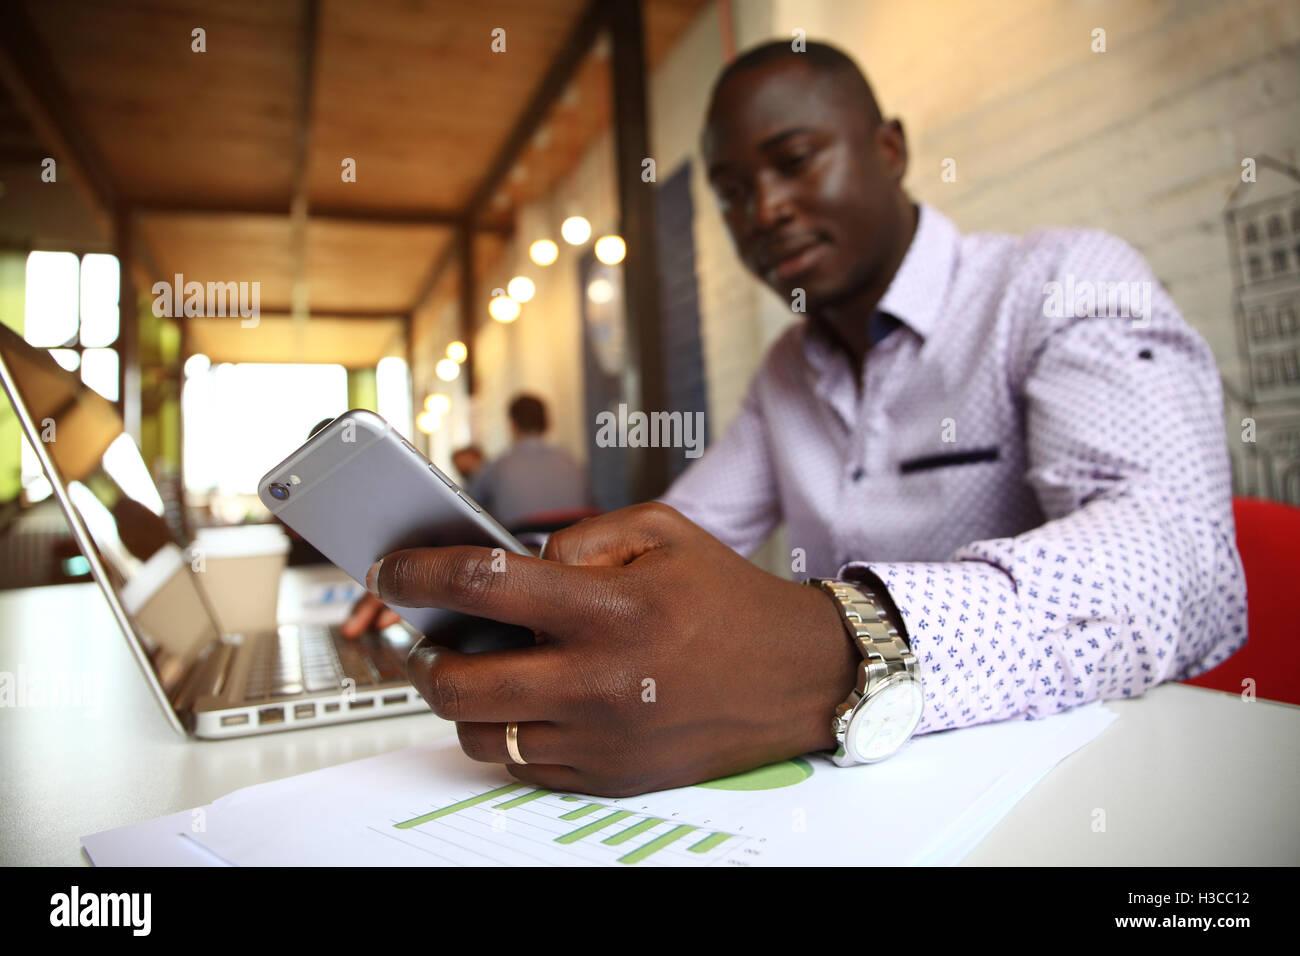 Nero imprenditore professionale in business abbigliamento formale sul mobile smartphone cellulari Immagini Stock